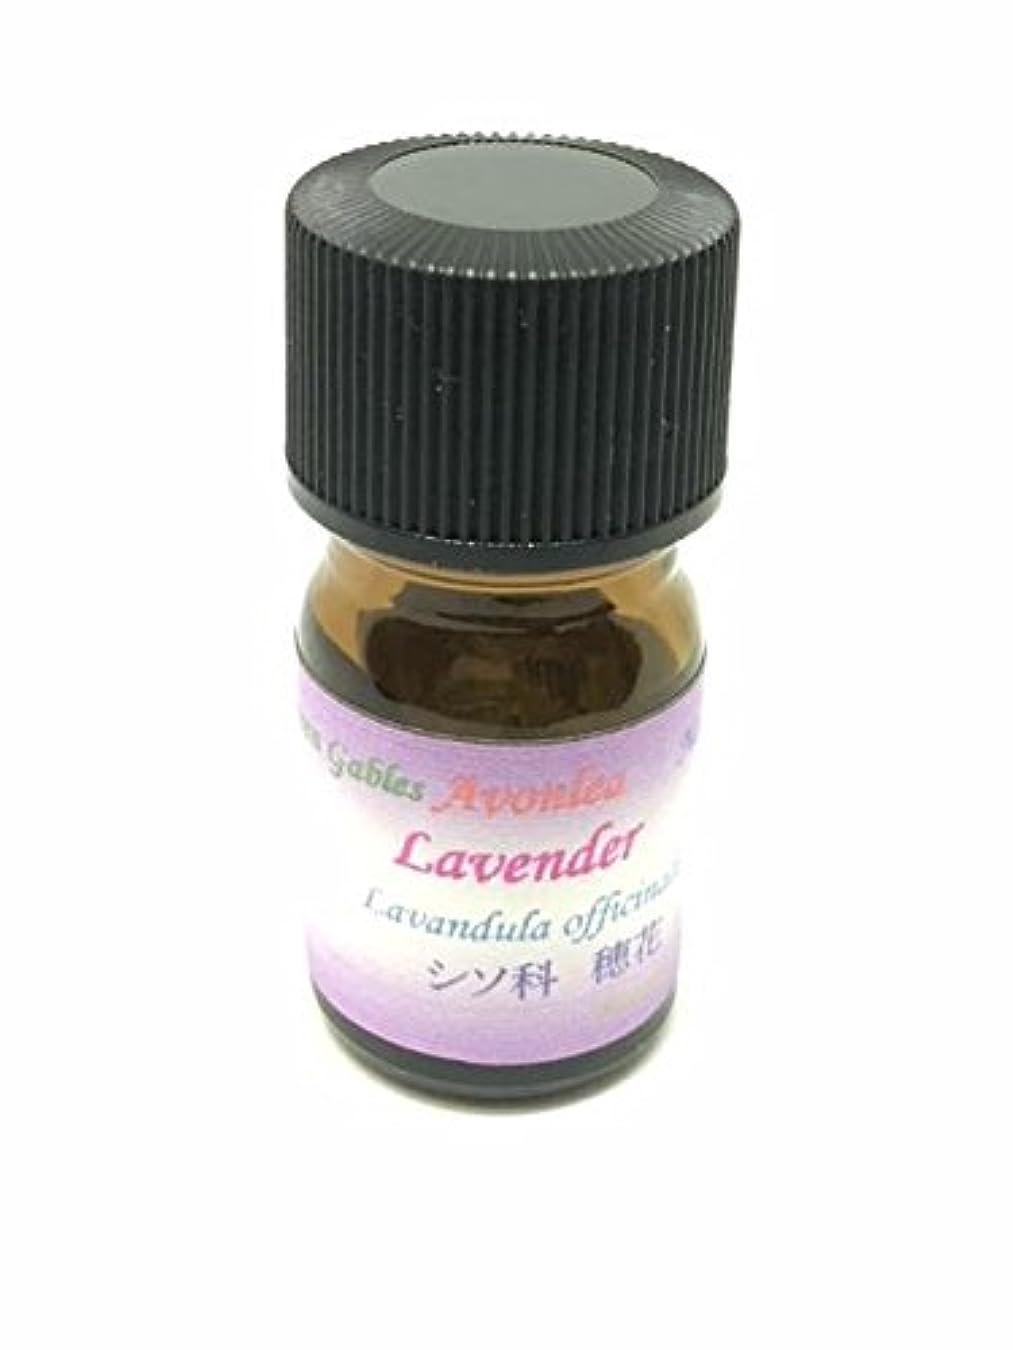 レーザゴシップ誘発するラベンダーブルガリア ピュアエッセンシャルオイル精油 Lavender Bulgaria (500ml)